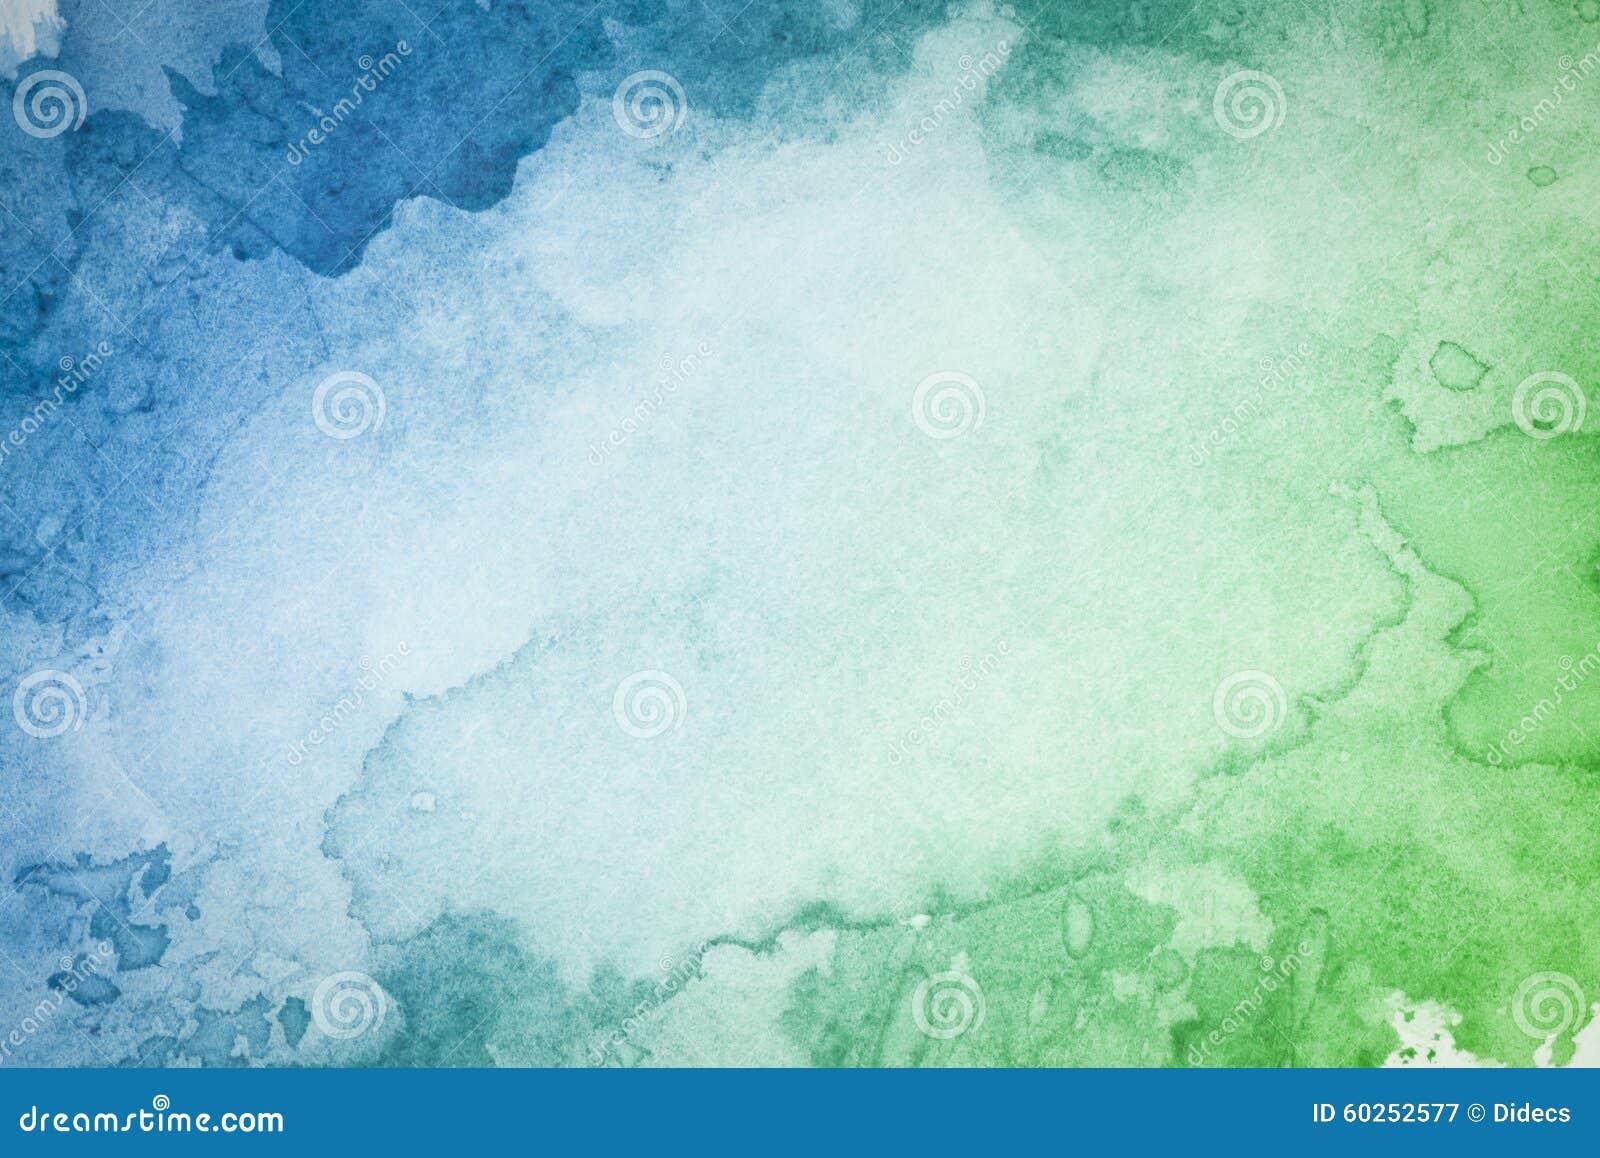 Abstrakcjonistyczny artystyczny zielony błękitny akwareli tło